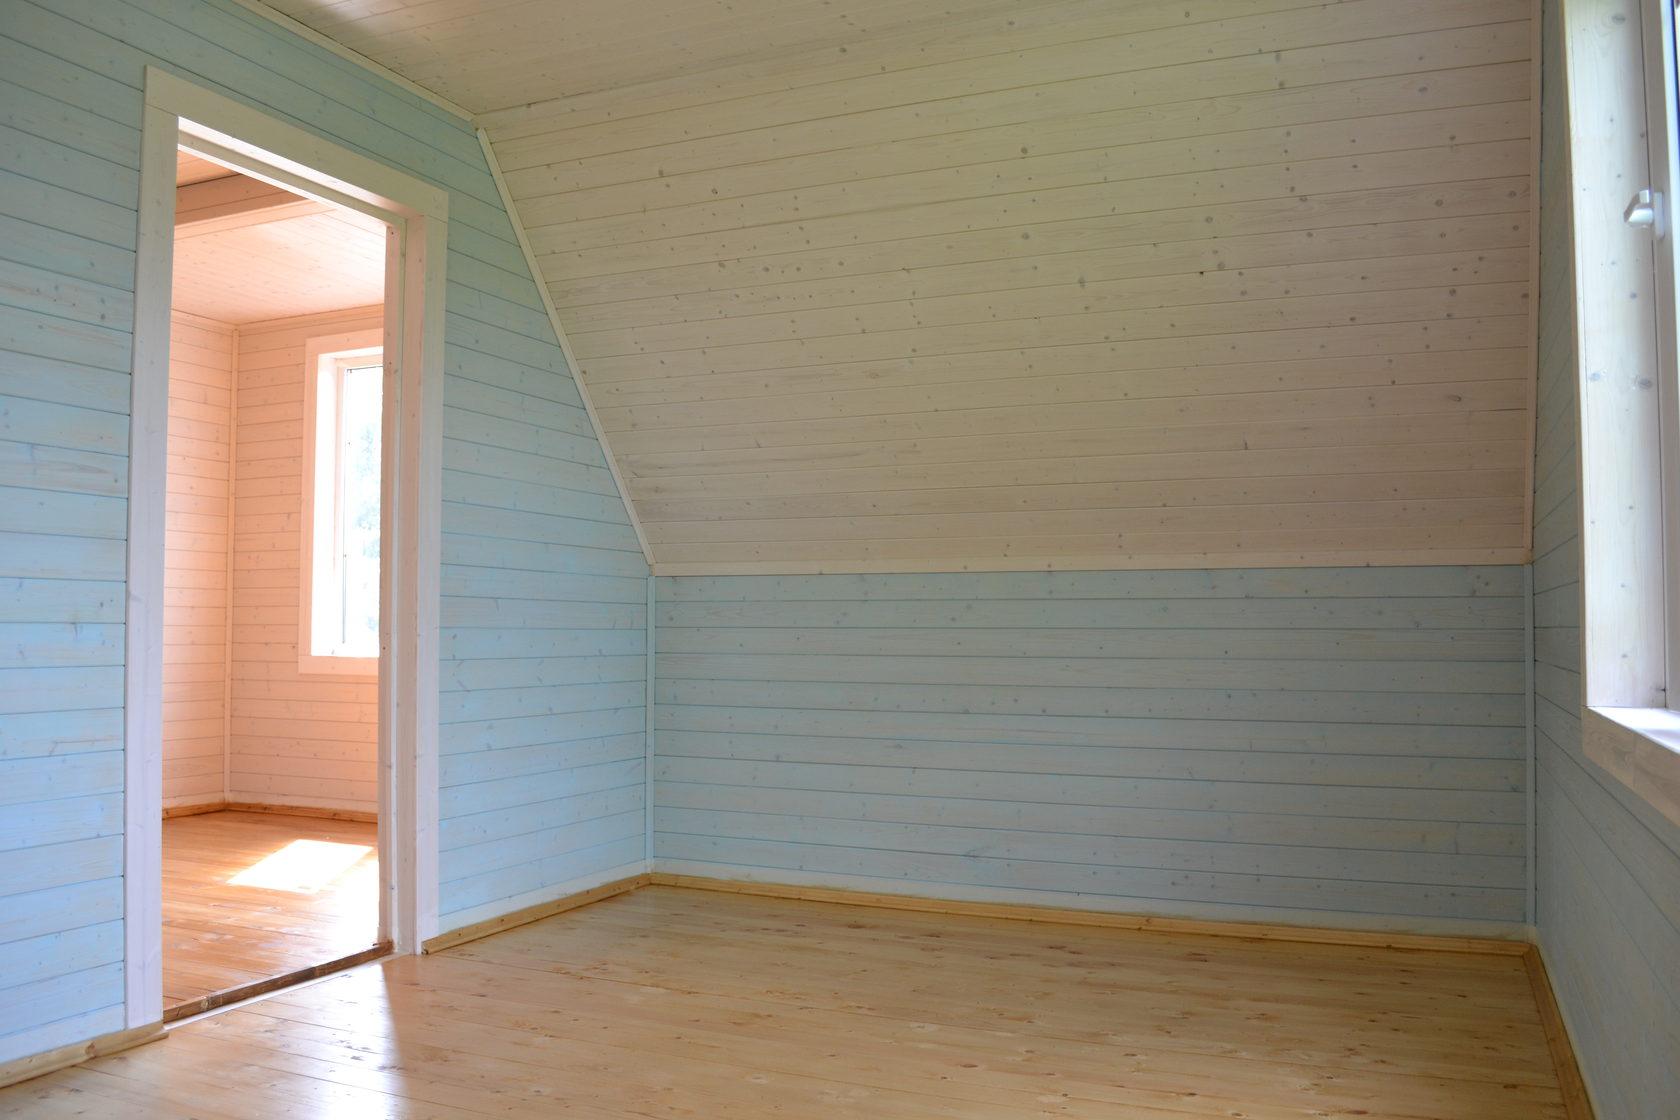 какой краской покрасить вагонку внутри помещения